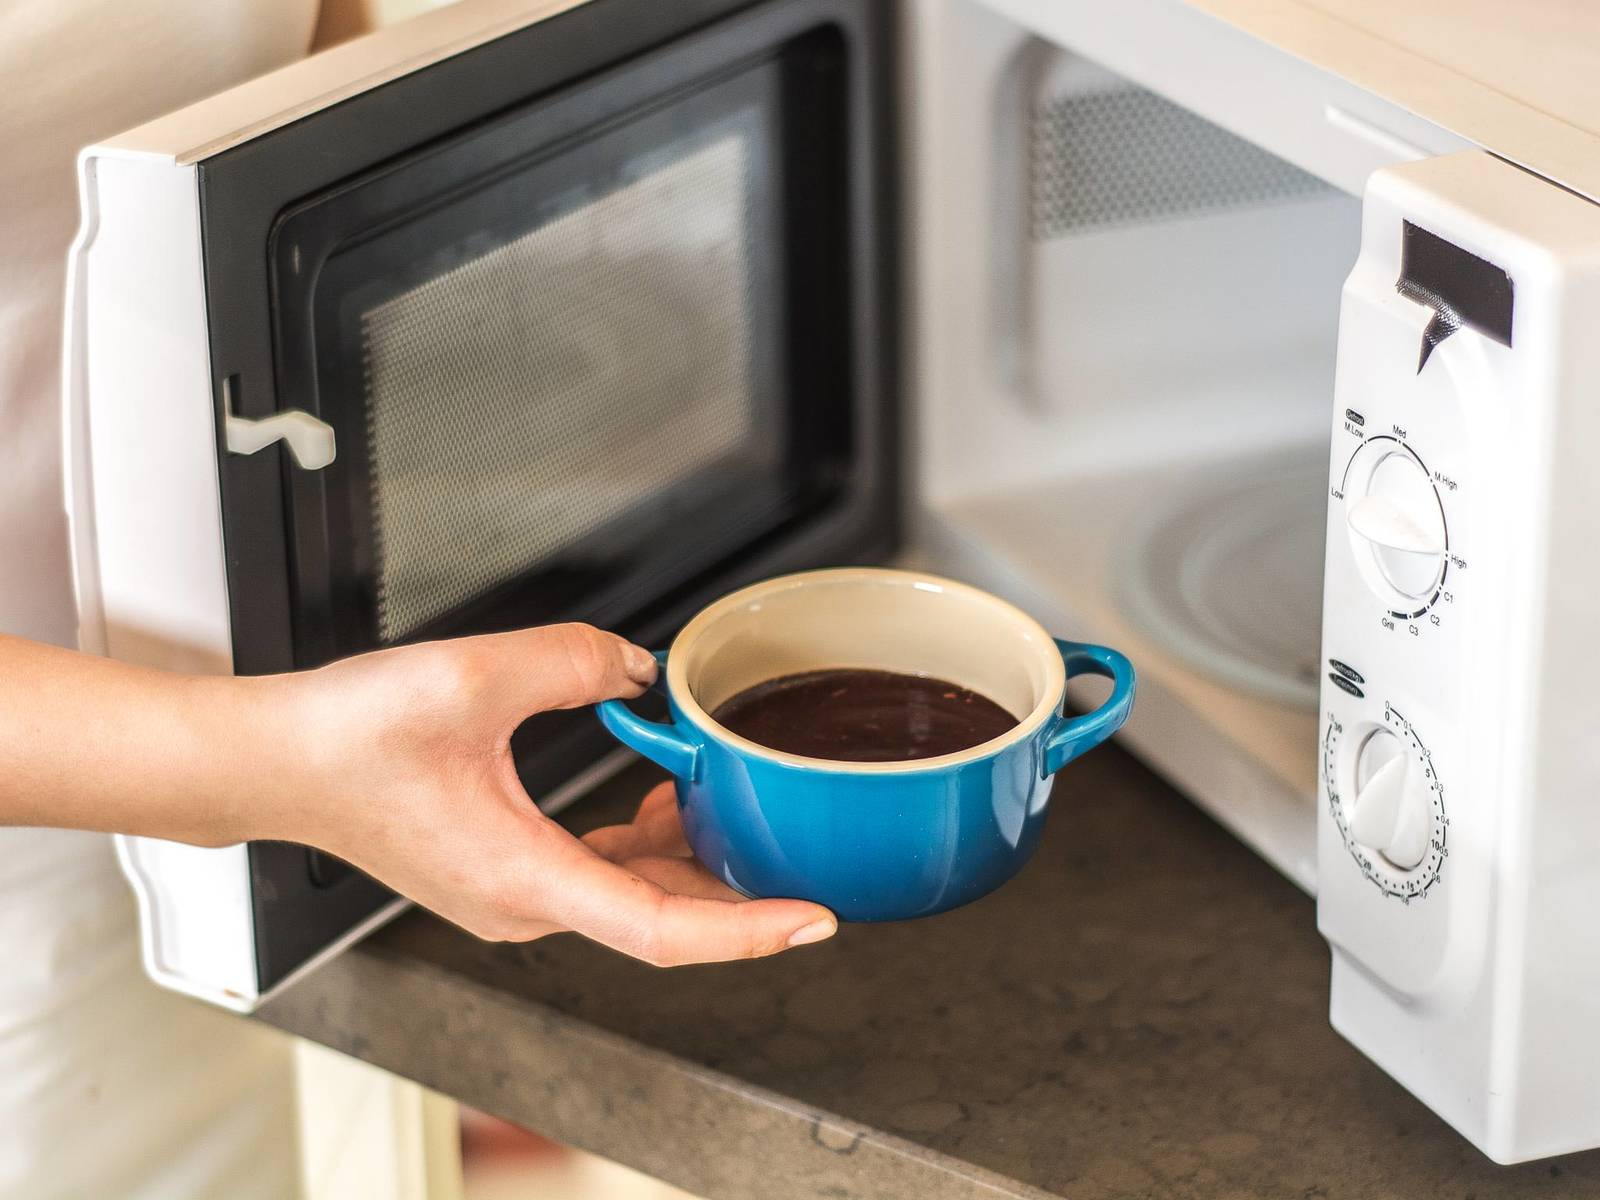 Die Tassen in die Mikrowelle stellen und bei 700 Watt ca. 2 Min. backen. Die fertigen Küchlein mit Schlagsahne oder Eis servieren.